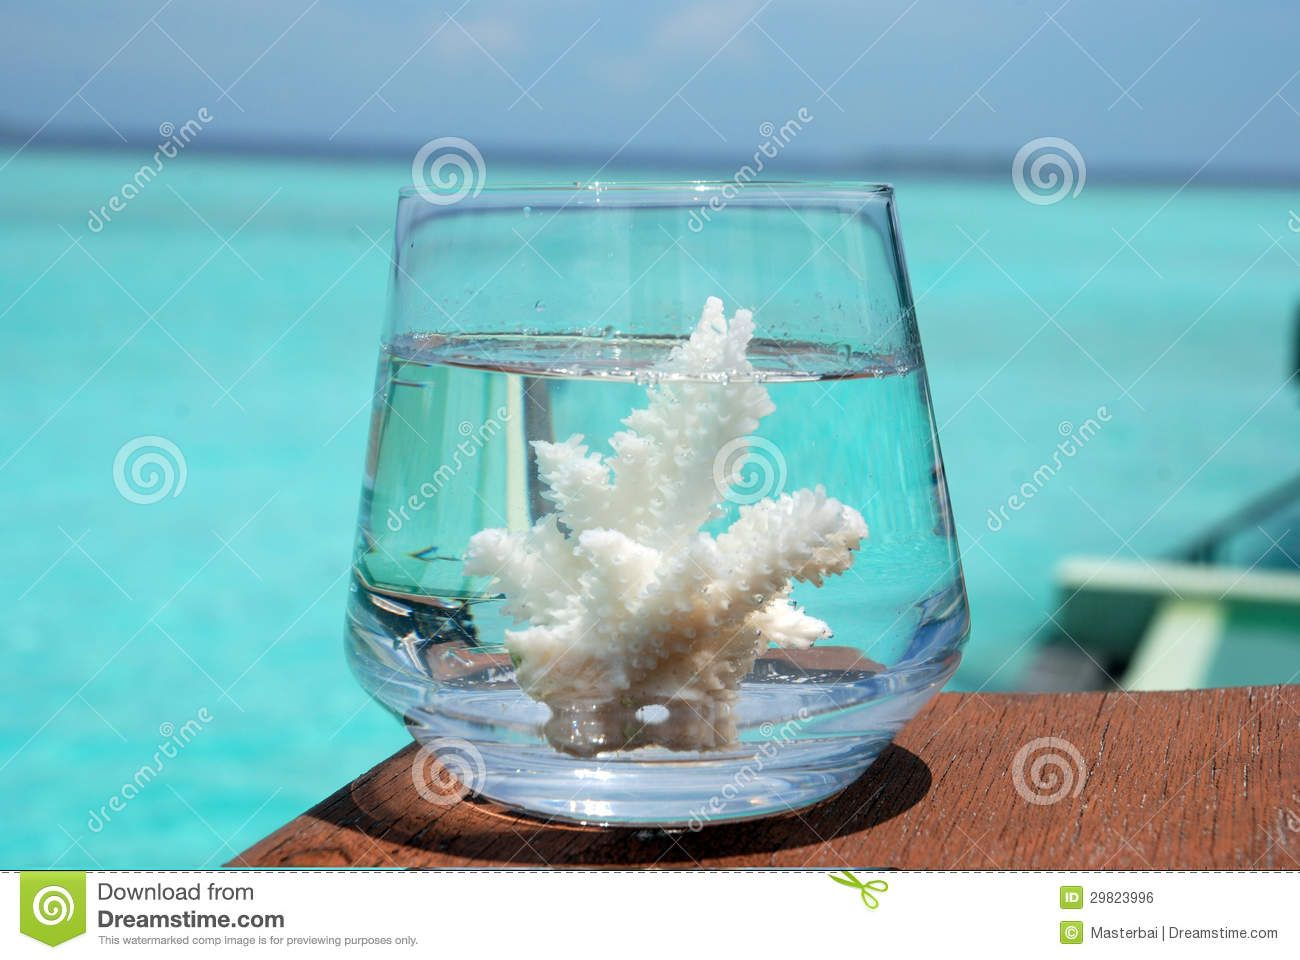 festa decoração coral mar - Pesquisa Google